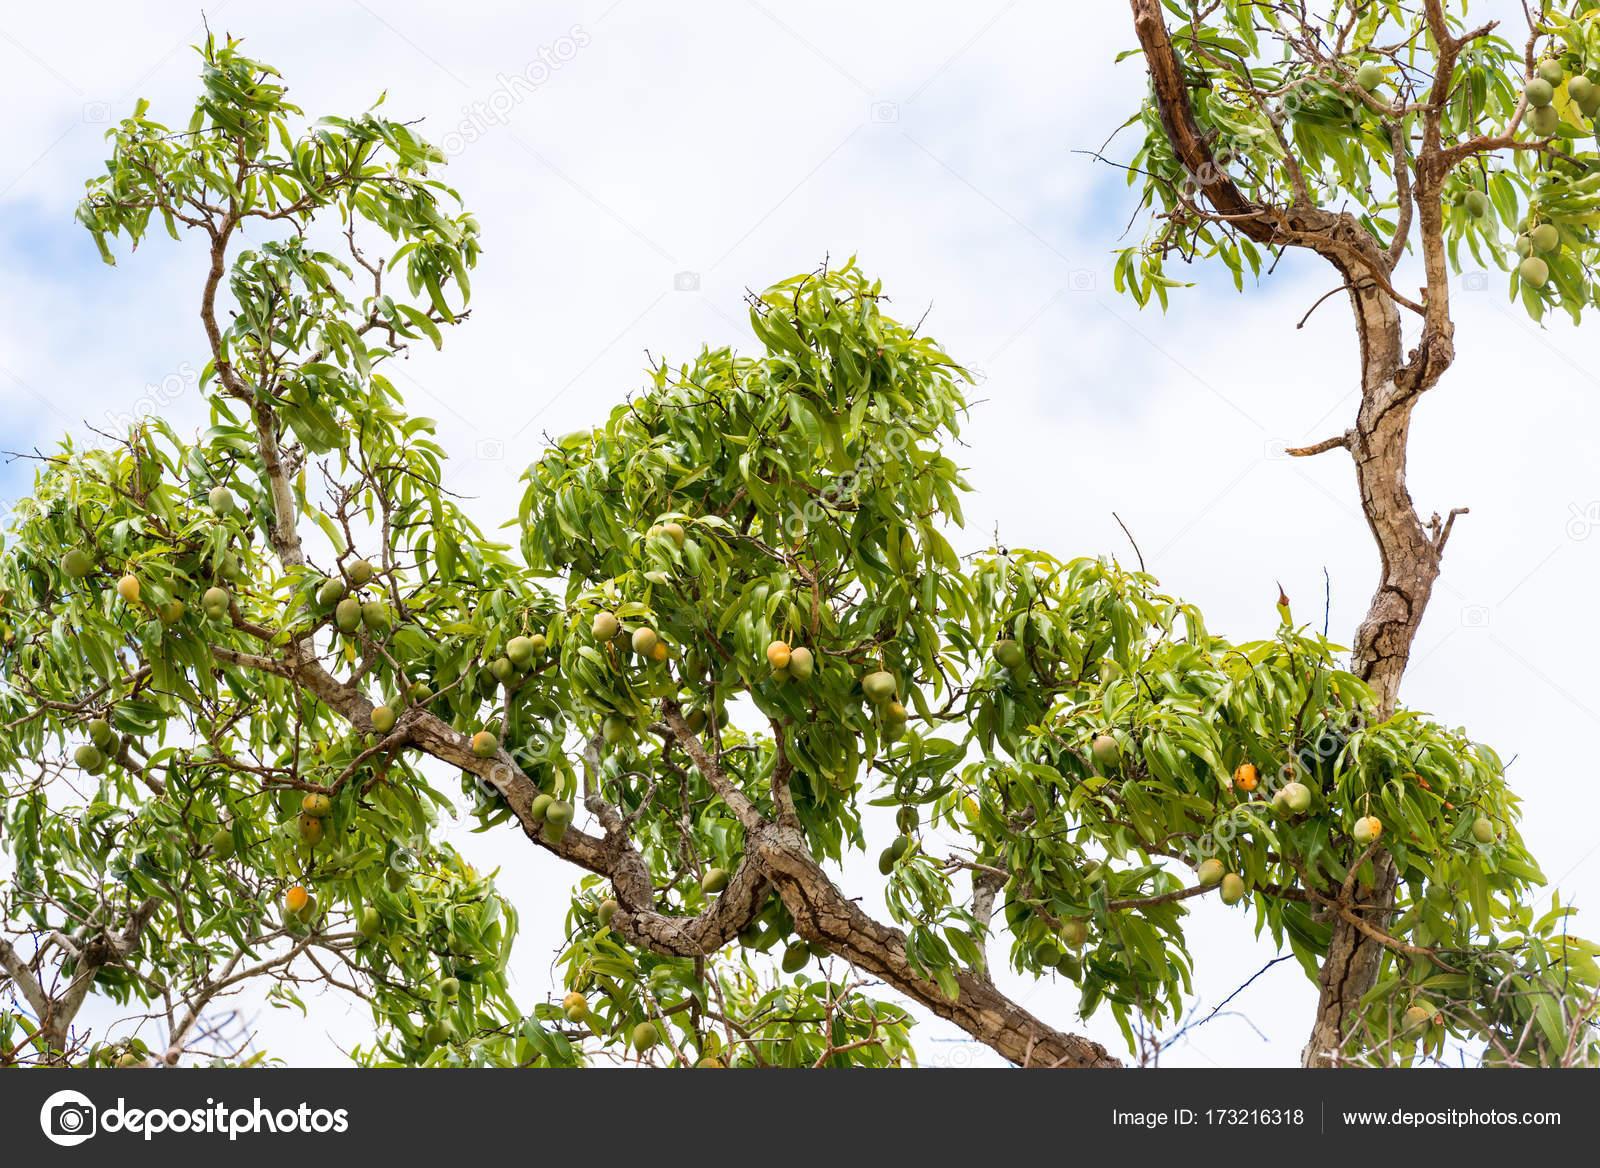 стала фото и названия деревьев кубы получилось, что